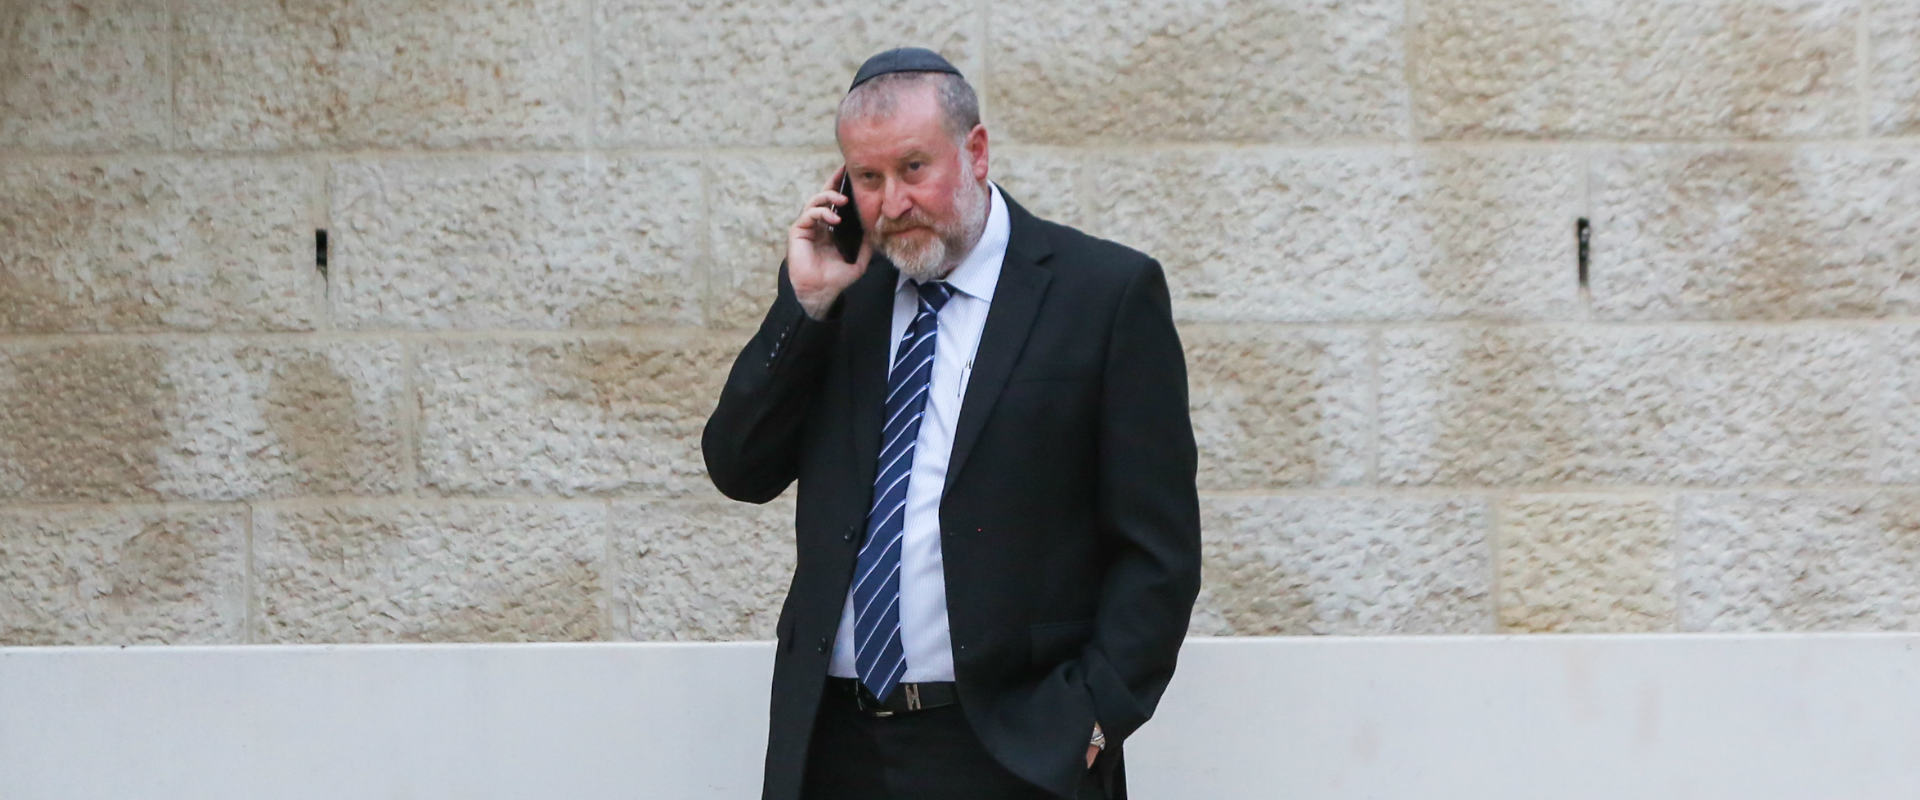 היועץ המשפטי הממשלה אביחי מנדלבליט